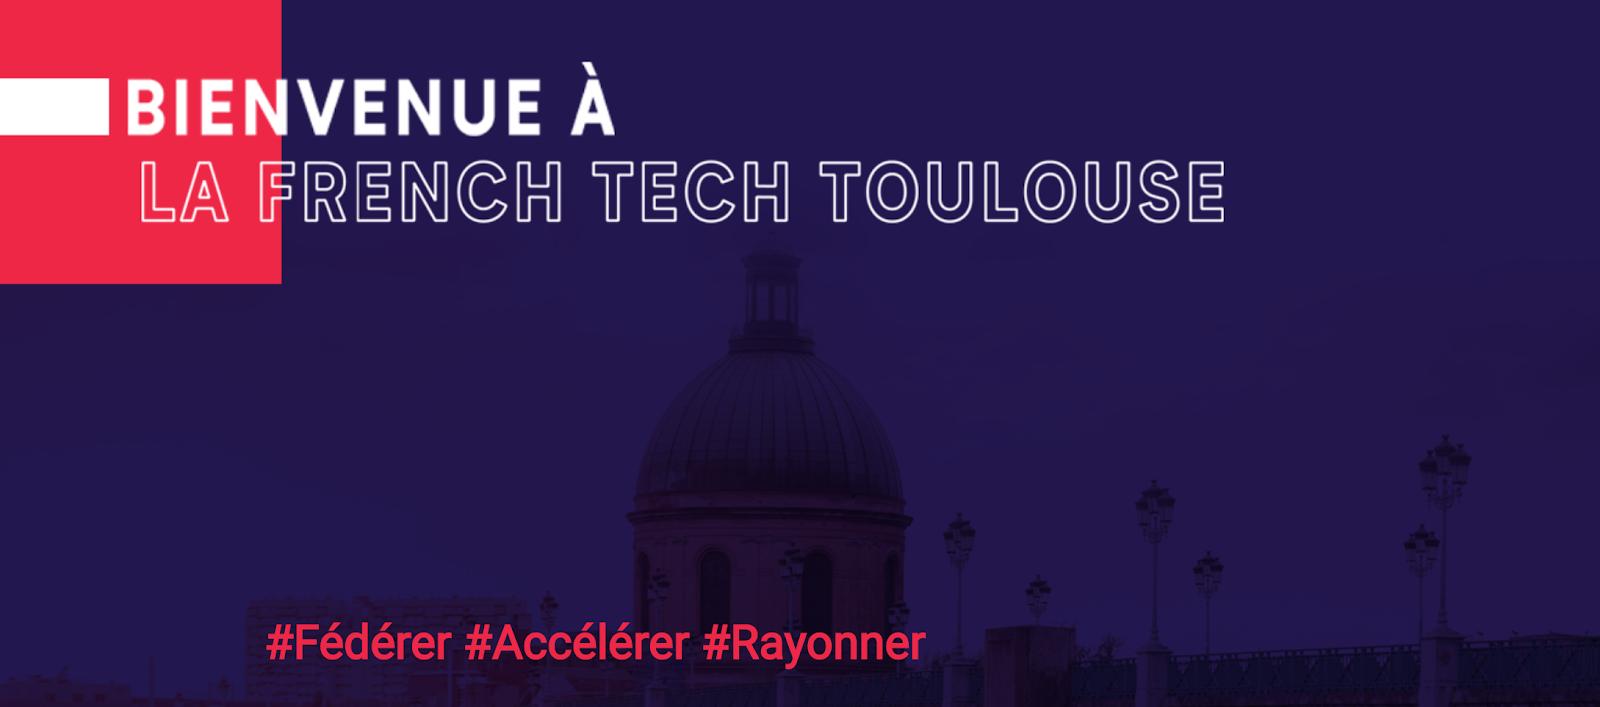 Toulouse écosystème tech Label French Tech